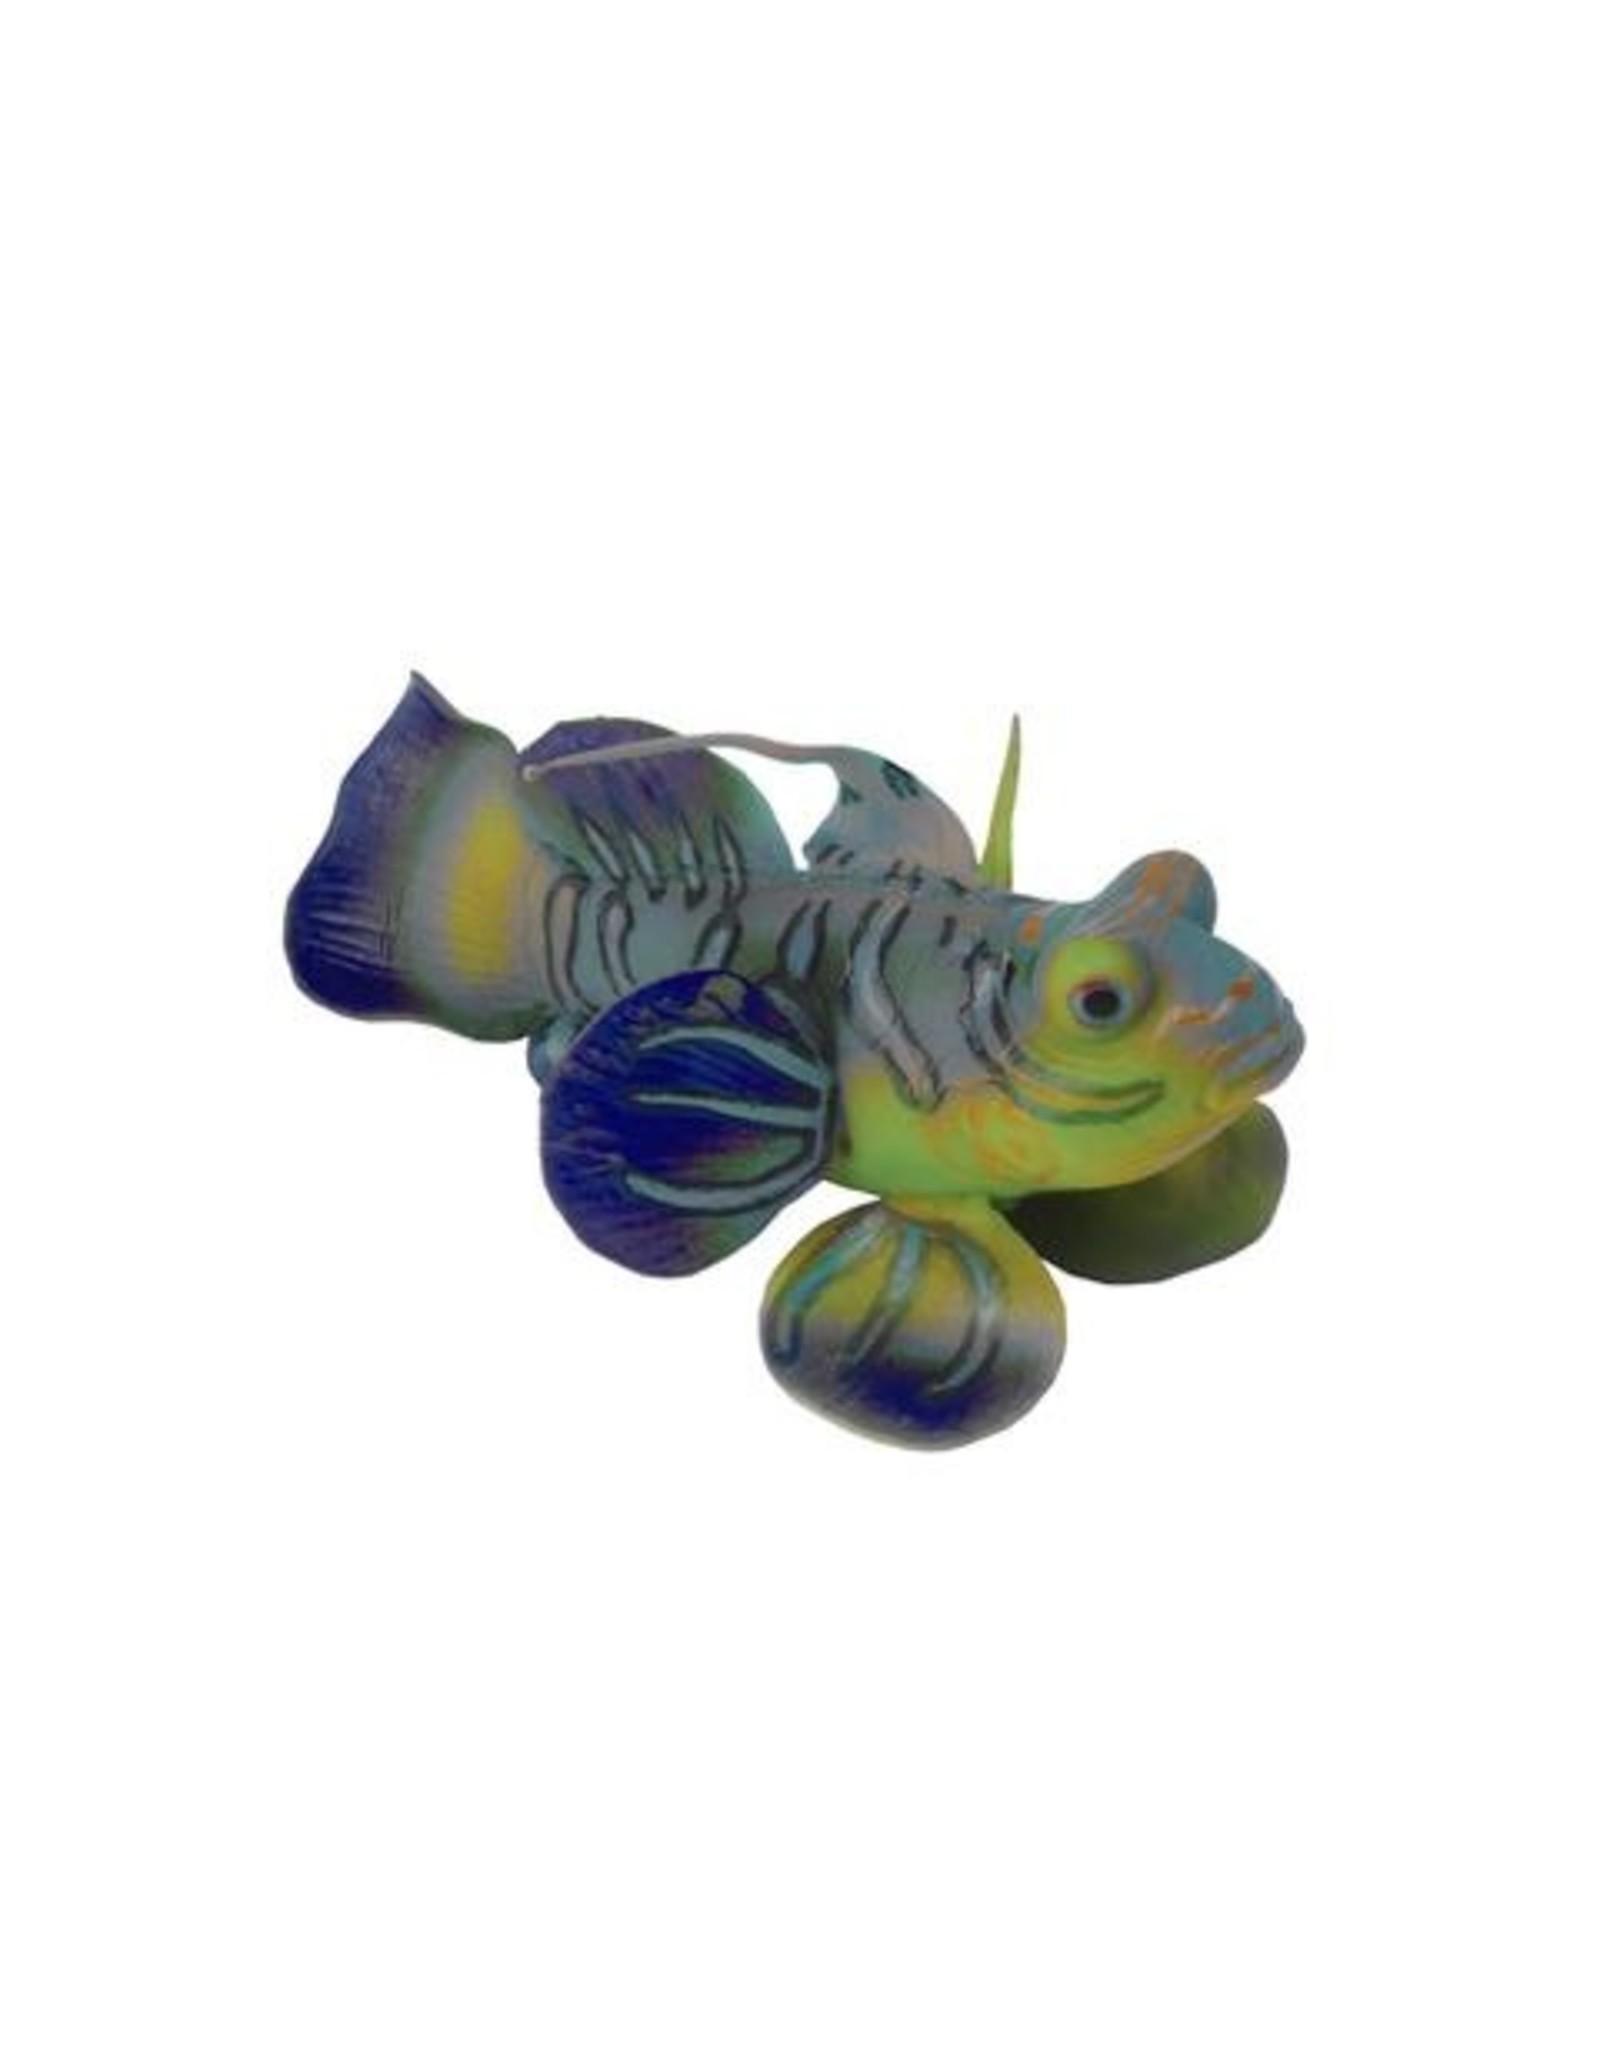 AquaTop AQUATOP Mandarin Goby